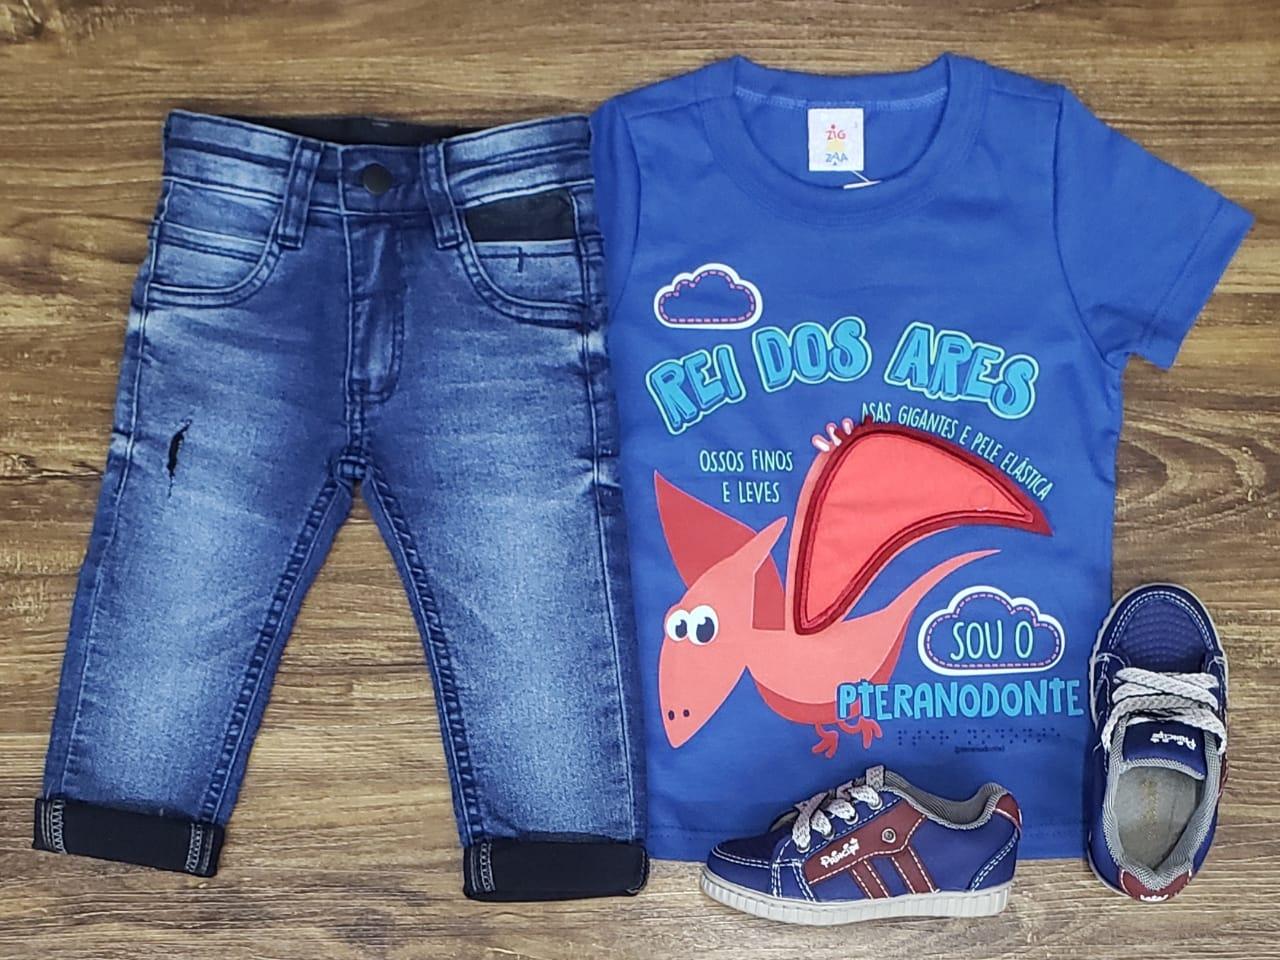 Calça Jeans Com Camiseta Rei Dos Ares